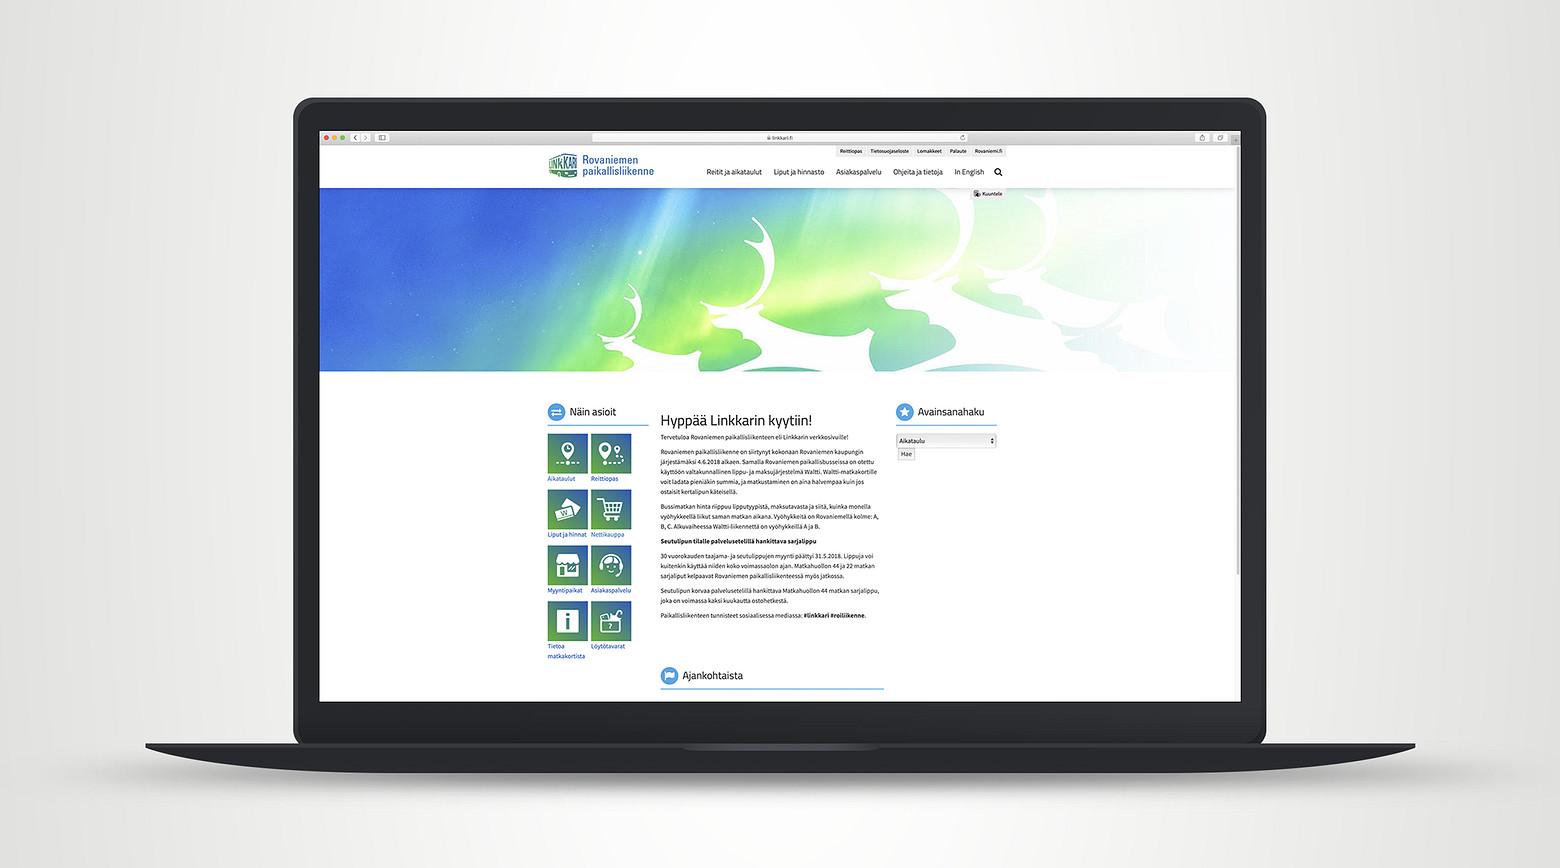 Linkkarin nettisivut ovat osa Rovaniemen kaupungin julkisia palveluita.